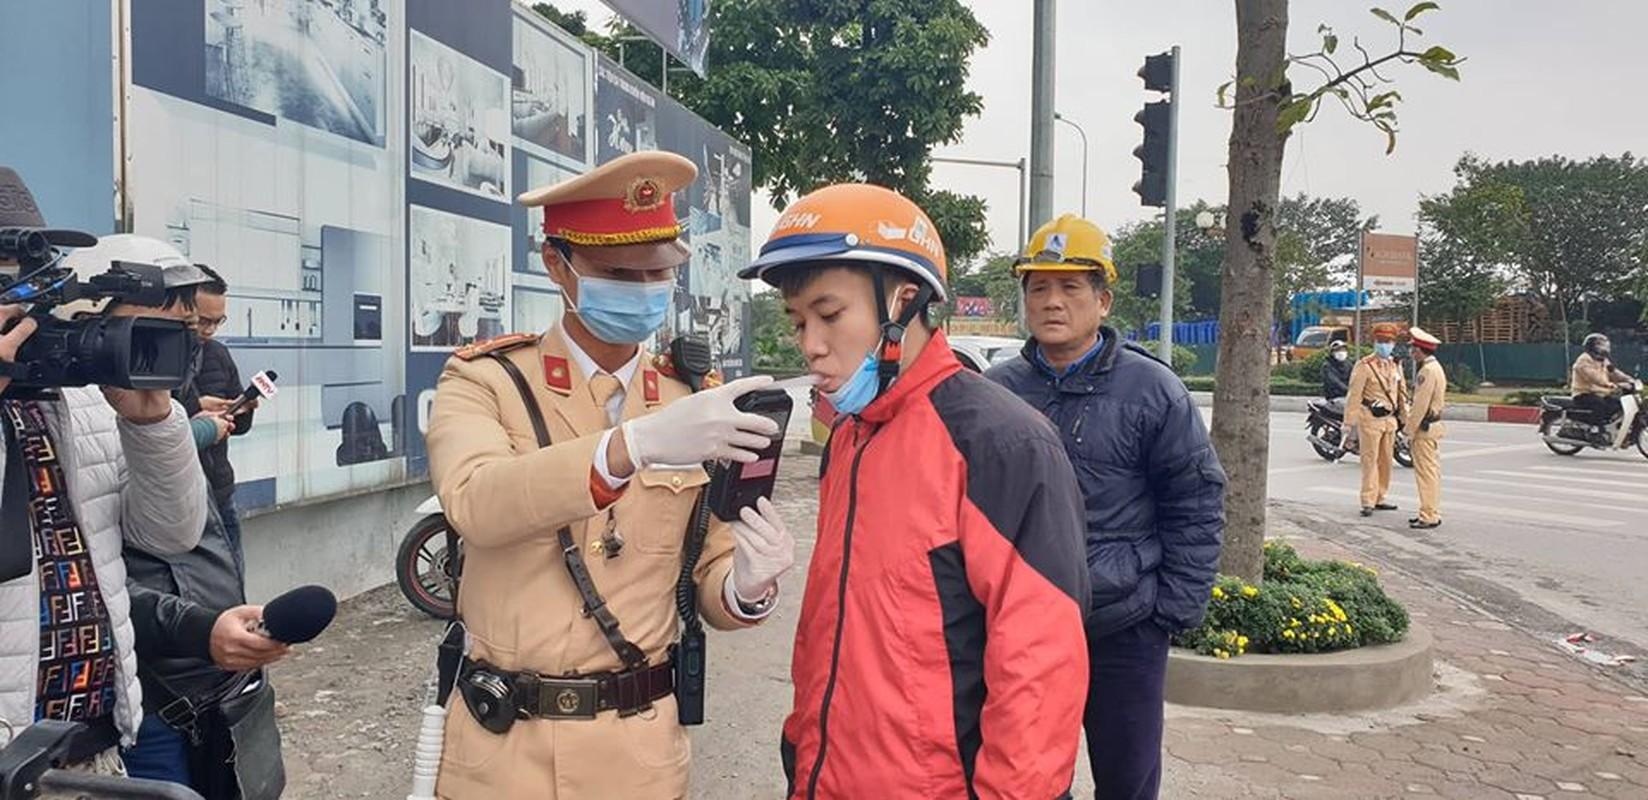 Tai sao nguoi dan Ha Noi vui ve huong ung khi CSGT Ha Noi kiem tra nong do con?-Hinh-5